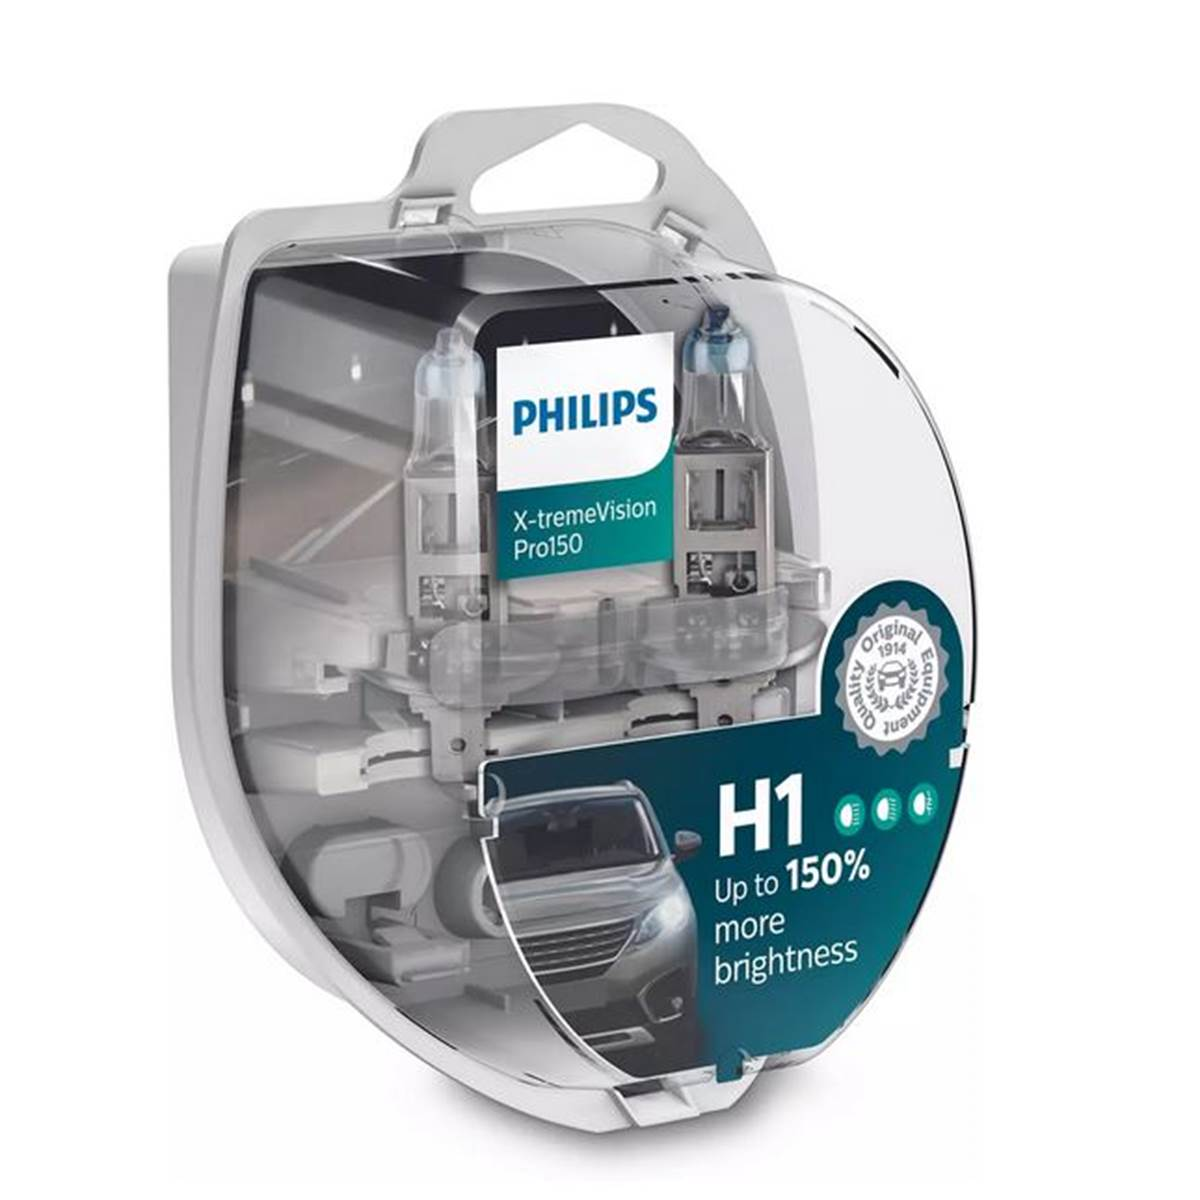 2 ampoules Philips Premium X-treme Vision Pro150 H1